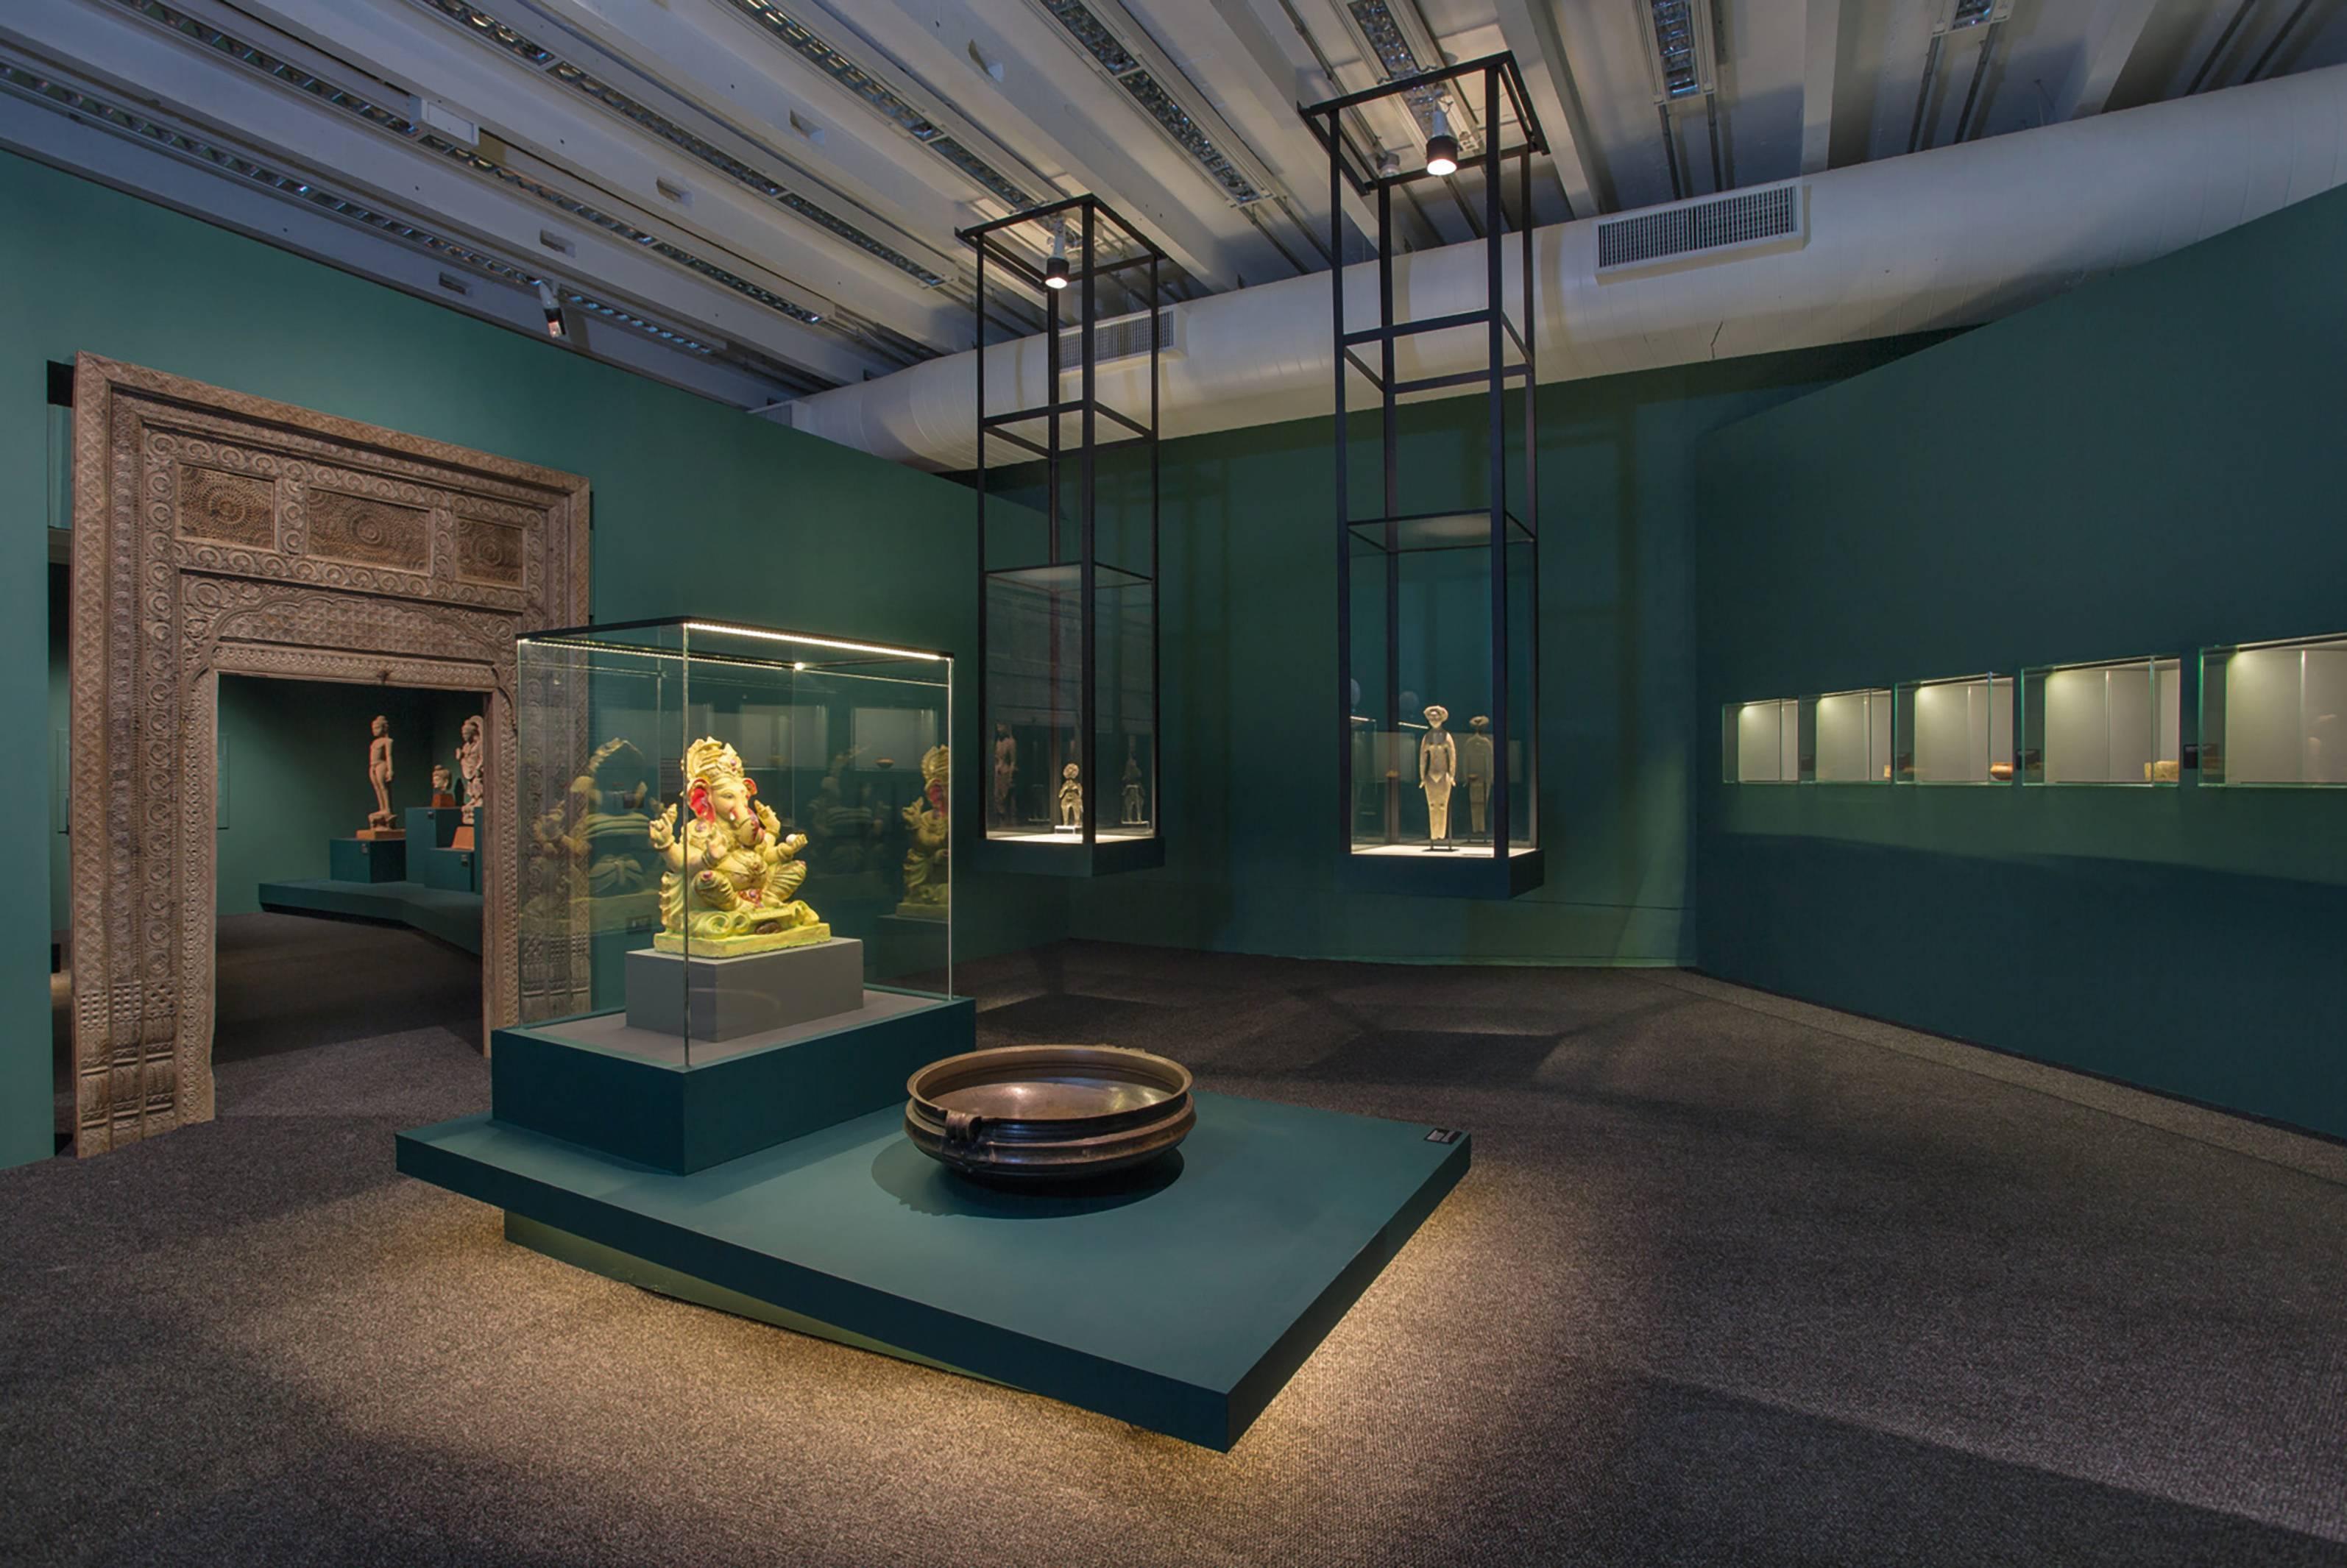 Exposição Ásia: a terra, os homens, os deuses no Museu Oscar Niemeyer.